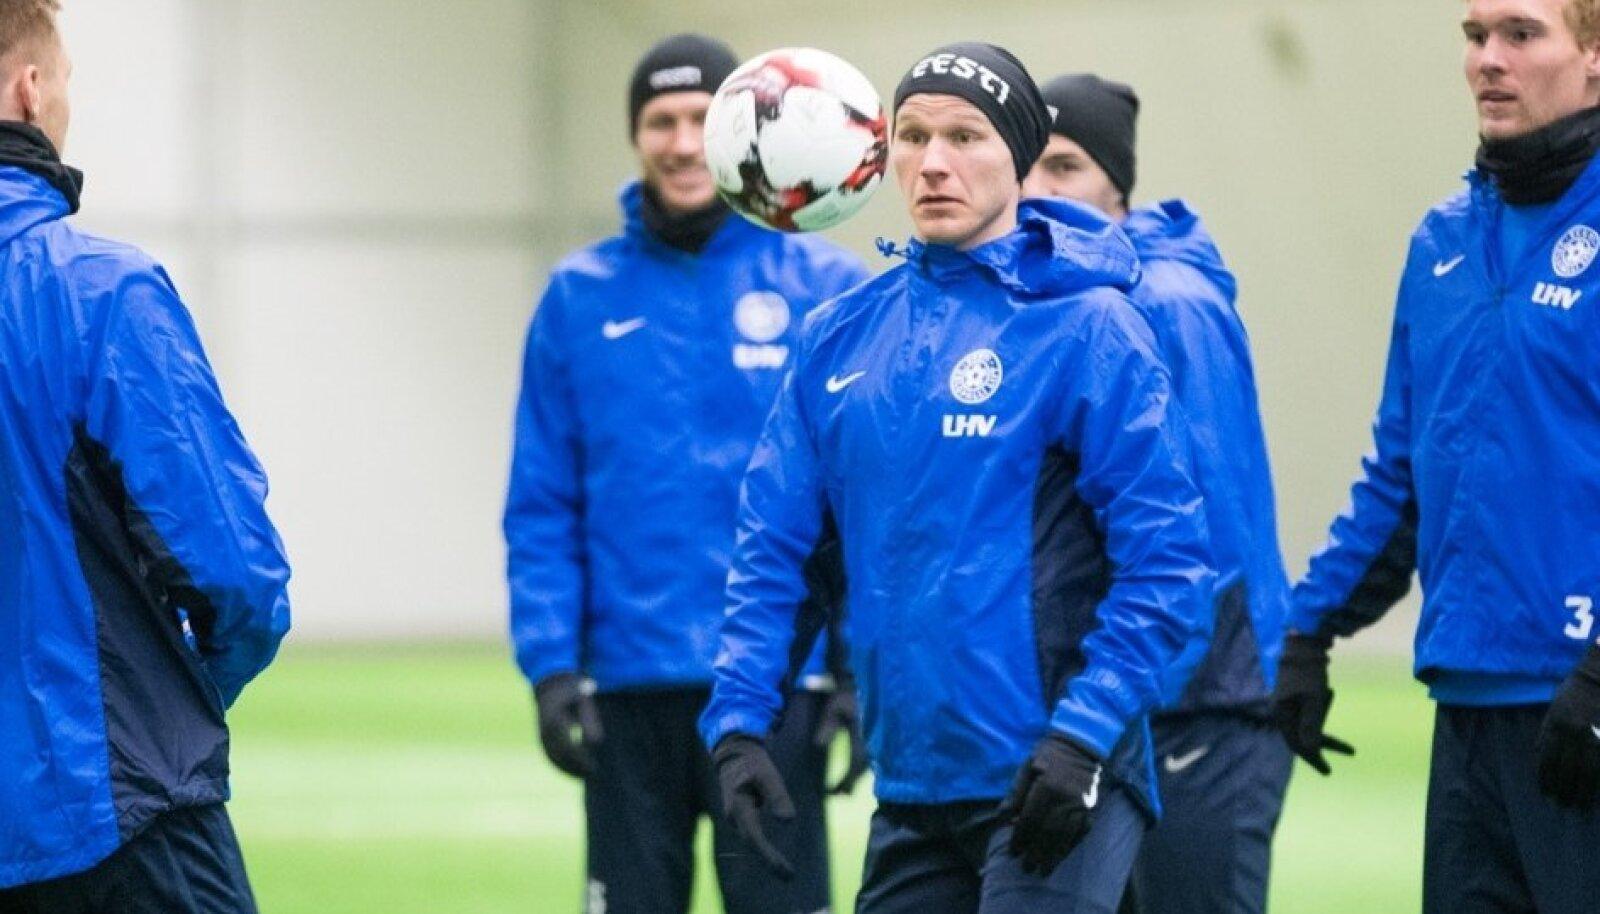 Eesti jalgpallikoondise treening sisehallis enne mängu Belgiaga